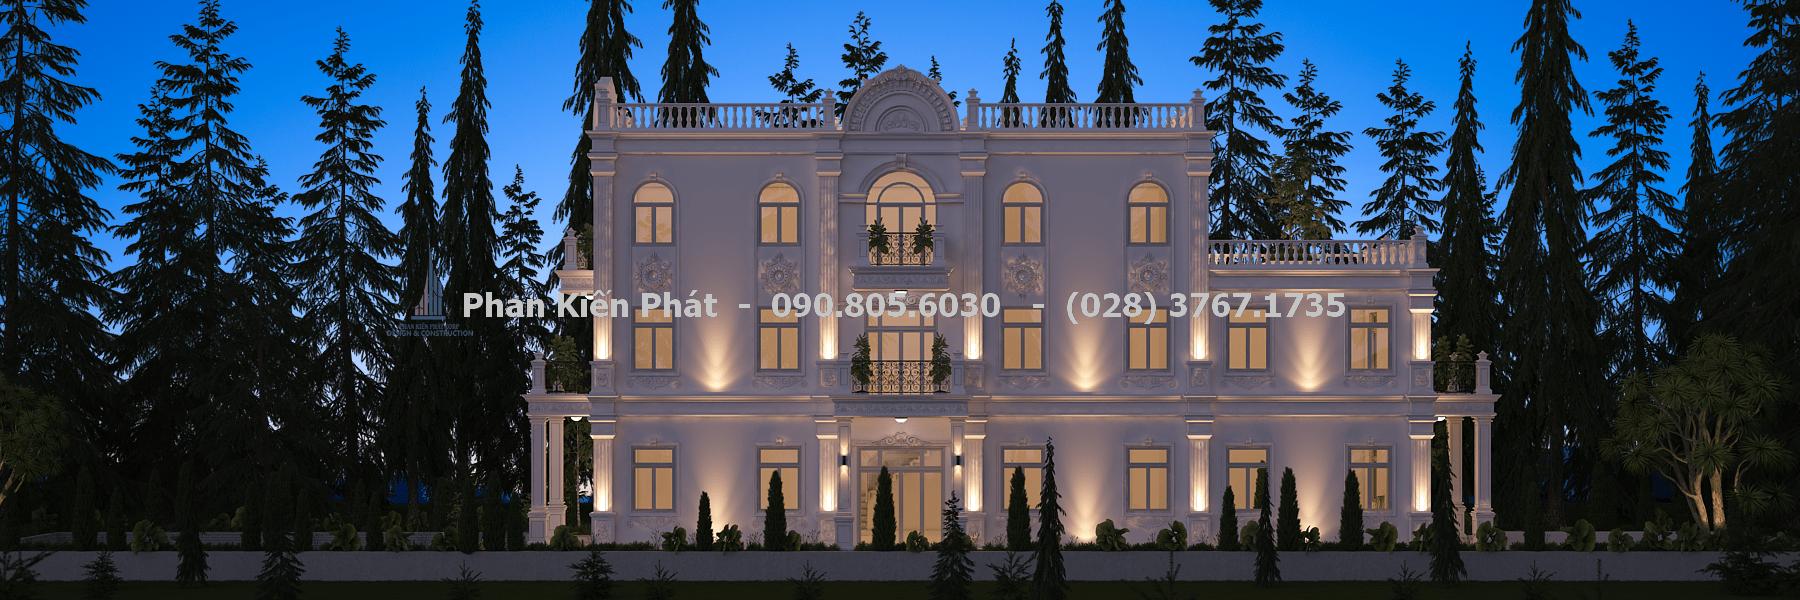 Hệ thống cửa sổ của biệt thự cổ điển bố trí nhiều